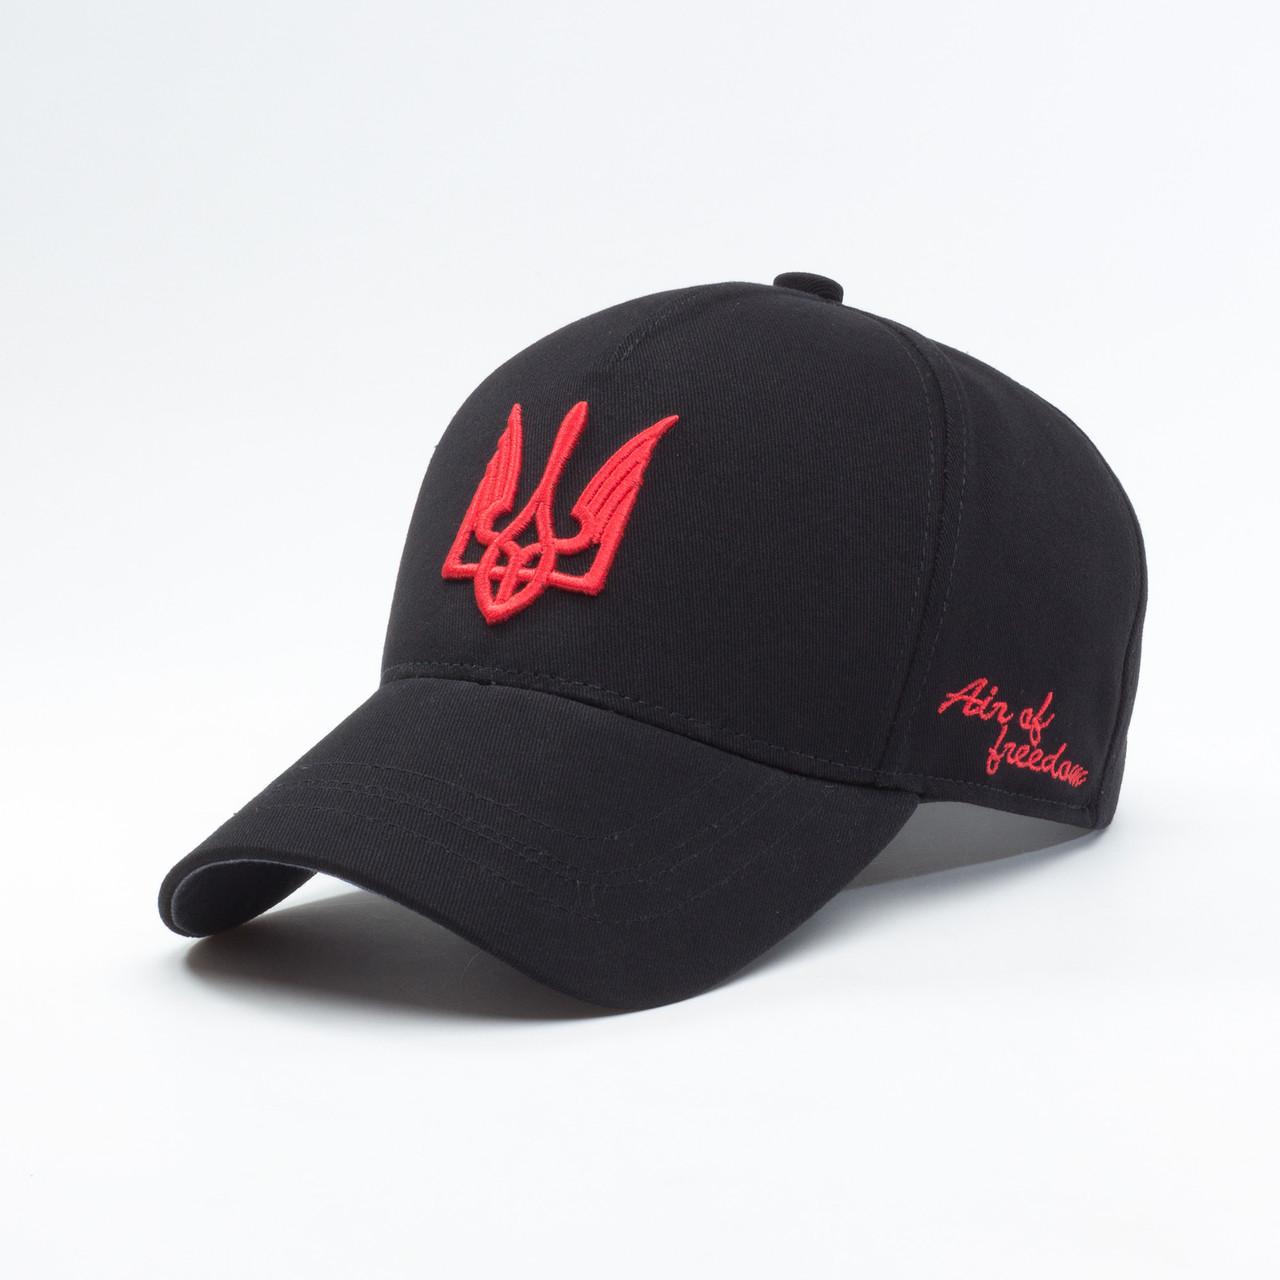 Купить Кепка бейсболка мужская INAL air of freedom XL / 59-60 RU Черный 35359